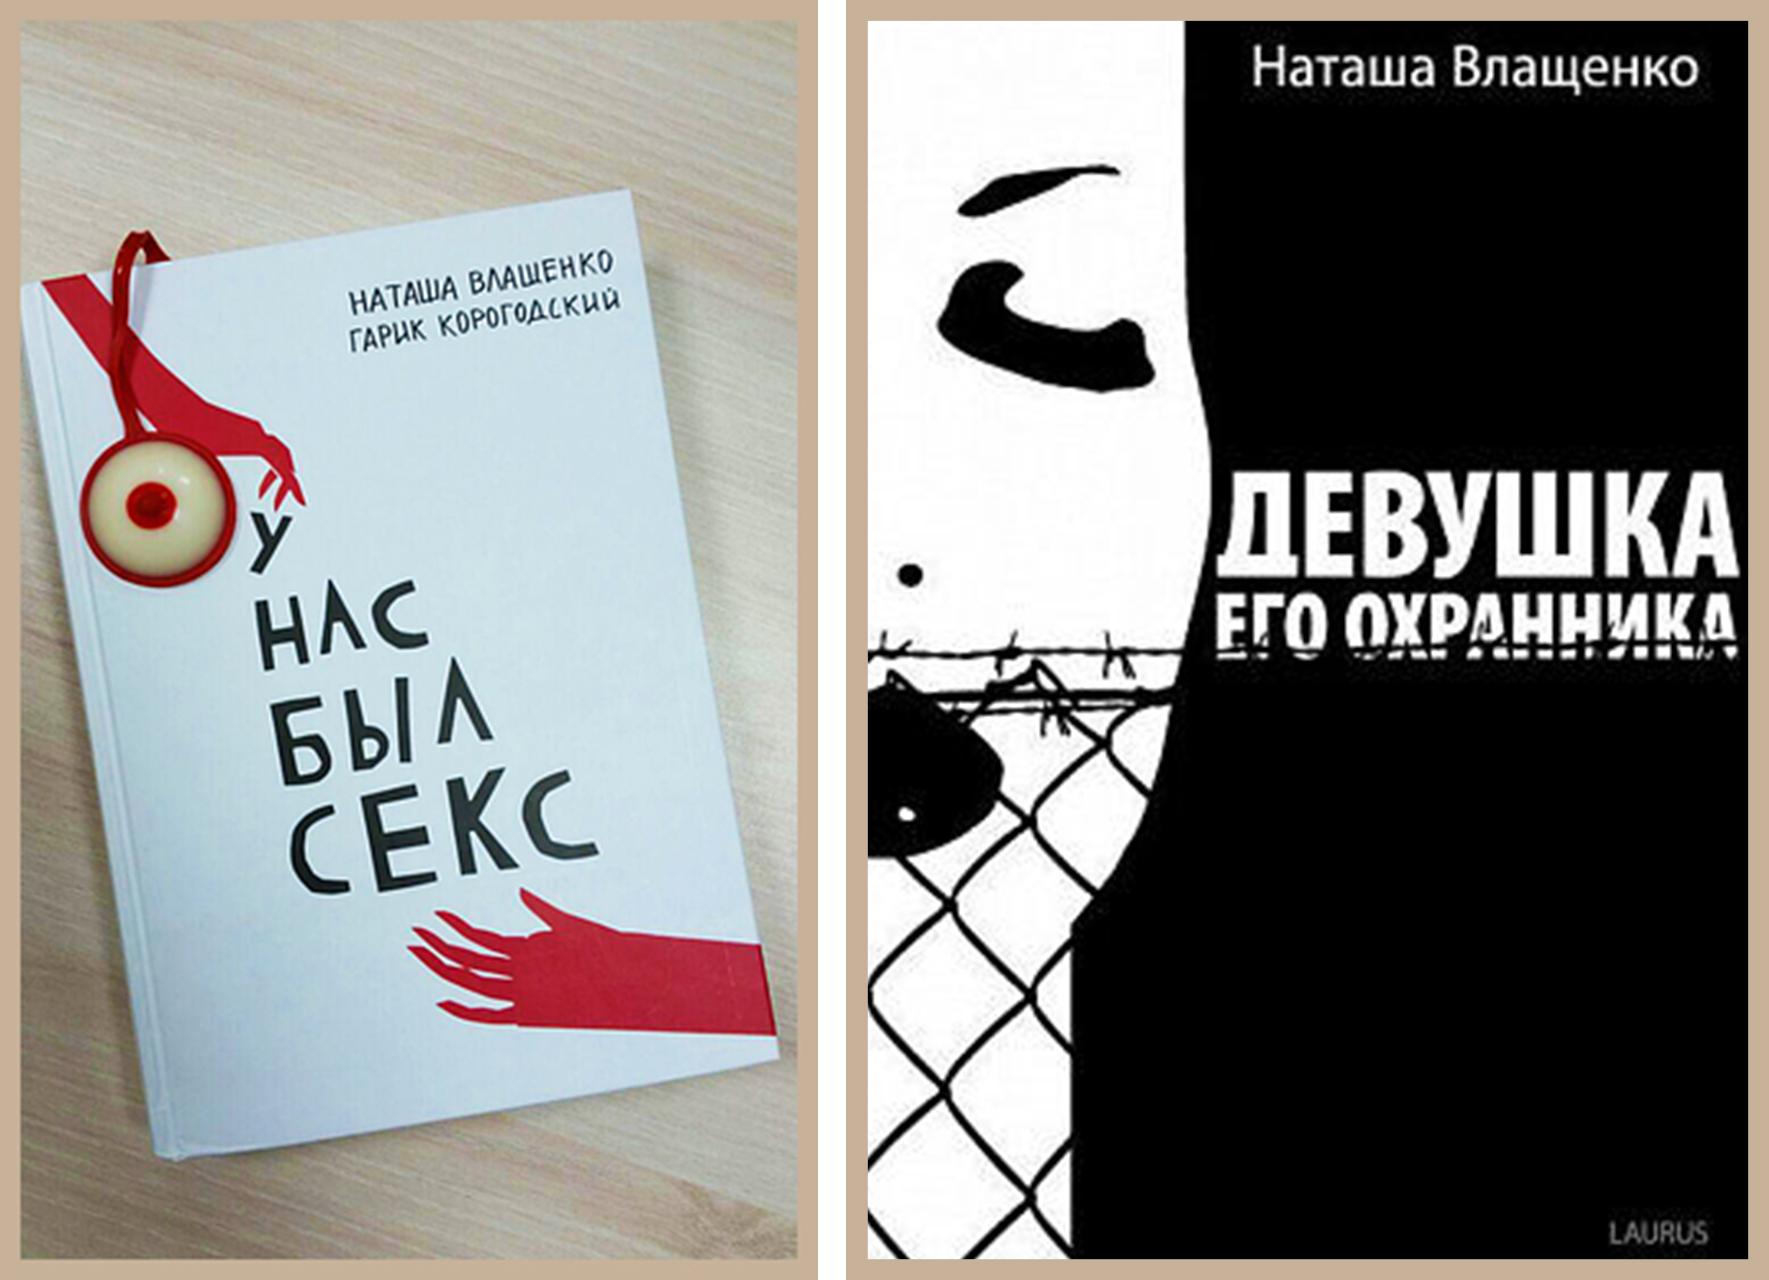 РУССКОЯЗЫЧНЫЕ ПИСАТЕЛИ И ПОЭТЫ УКРАИНЫ: творческое досье Наташи Влащенко